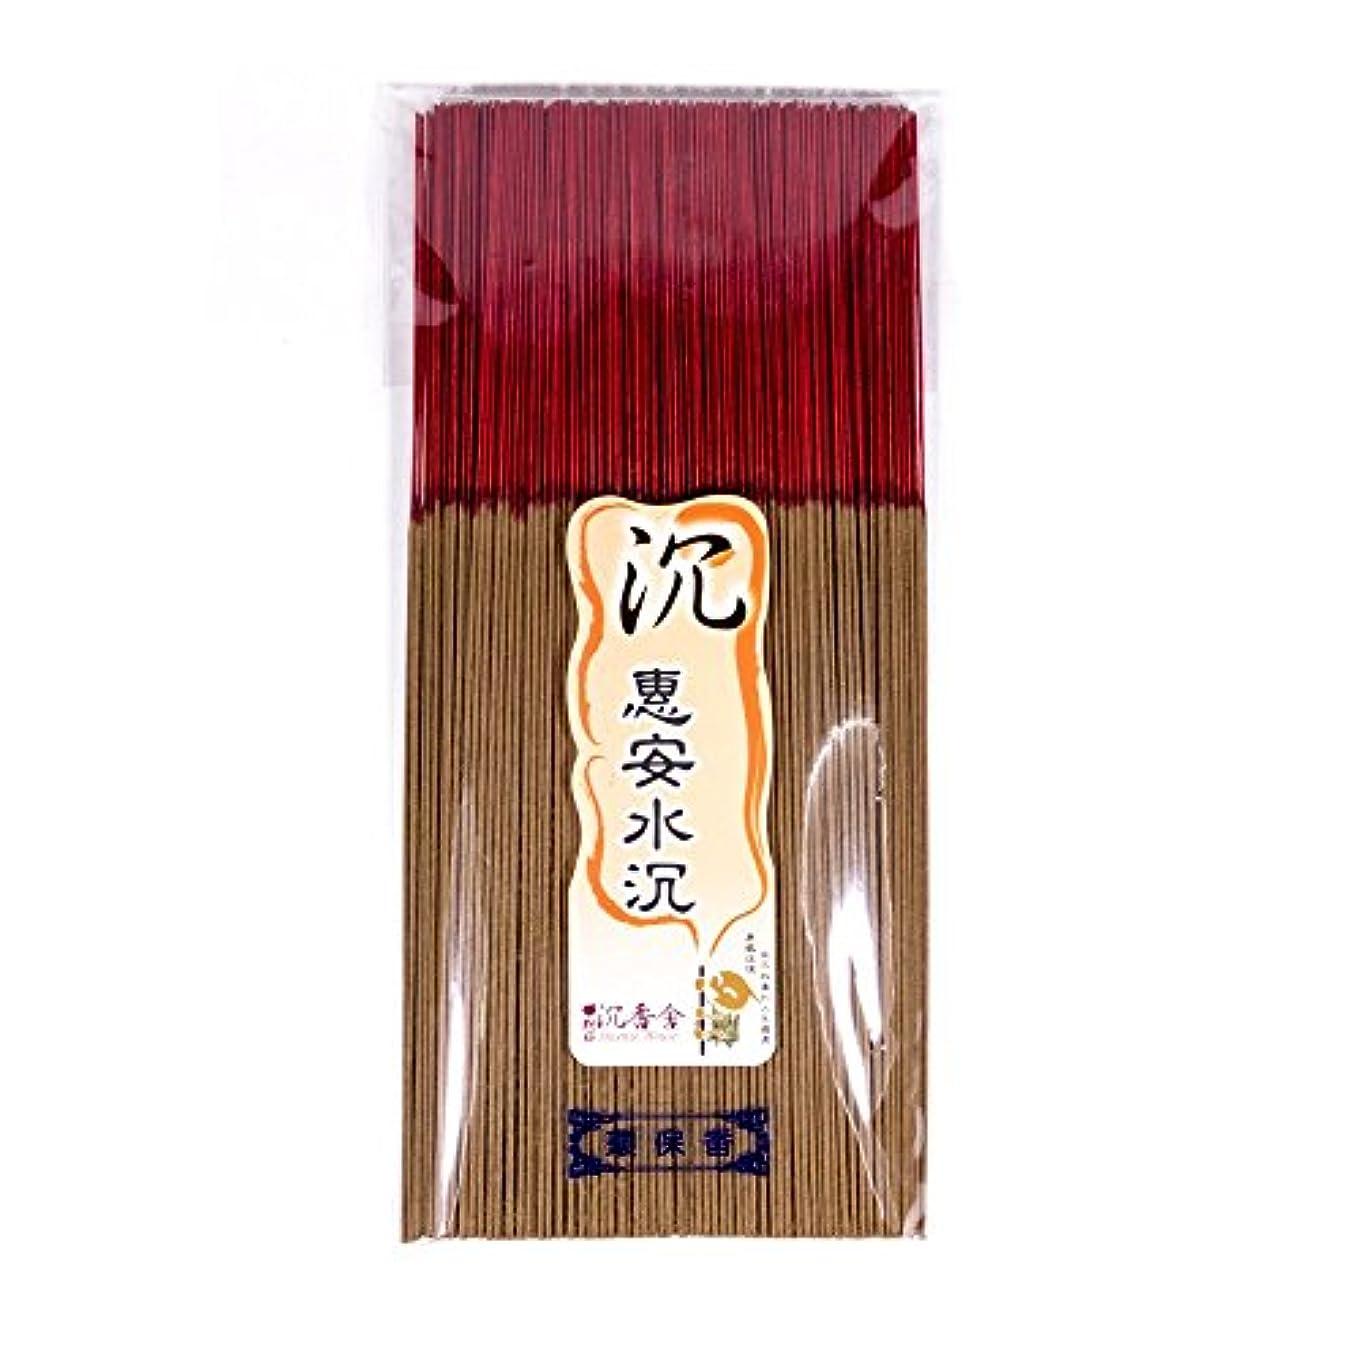 類推鼻熟達台湾沉香舍 惠安水沈香 台湾のお香家 - 沈香 30cm (木支香) 300g 約400本